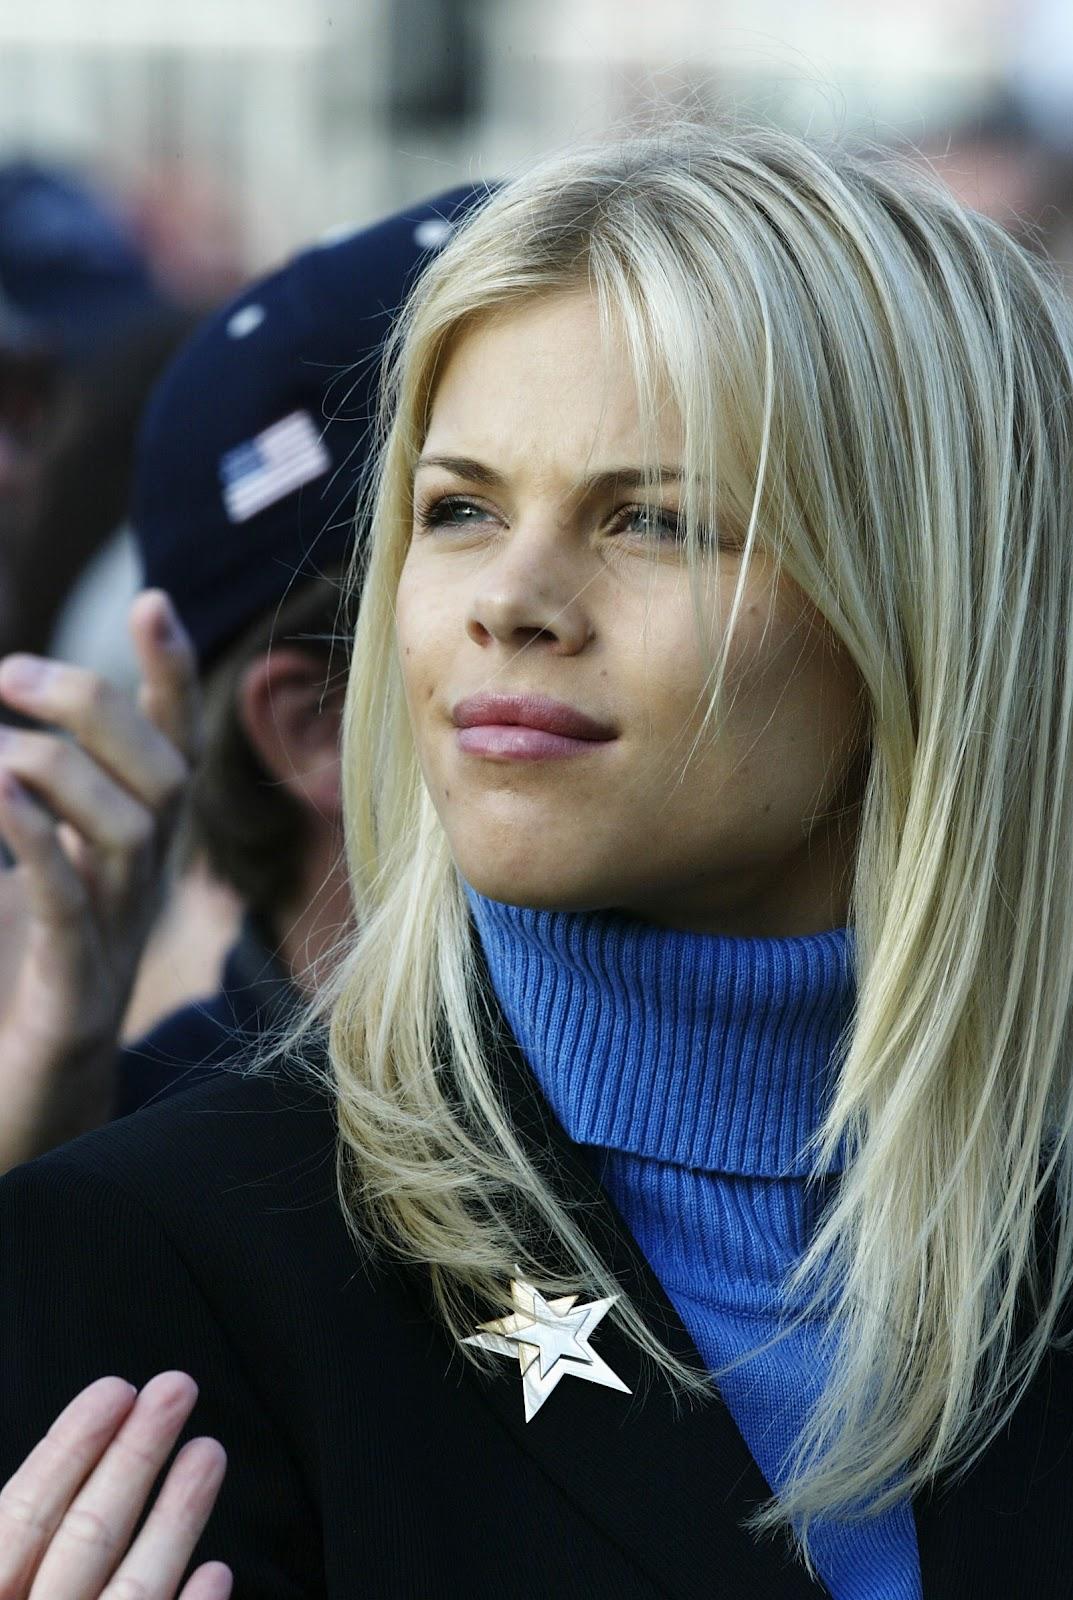 http://1.bp.blogspot.com/-bBJKSZqeCqk/T75B6QzL67I/AAAAAAAAErk/hNIoRyuYc9w/s1600/Elin-Nordegren-new-hairstyles-pictures-nordegren-elin-photos+(3).jpg